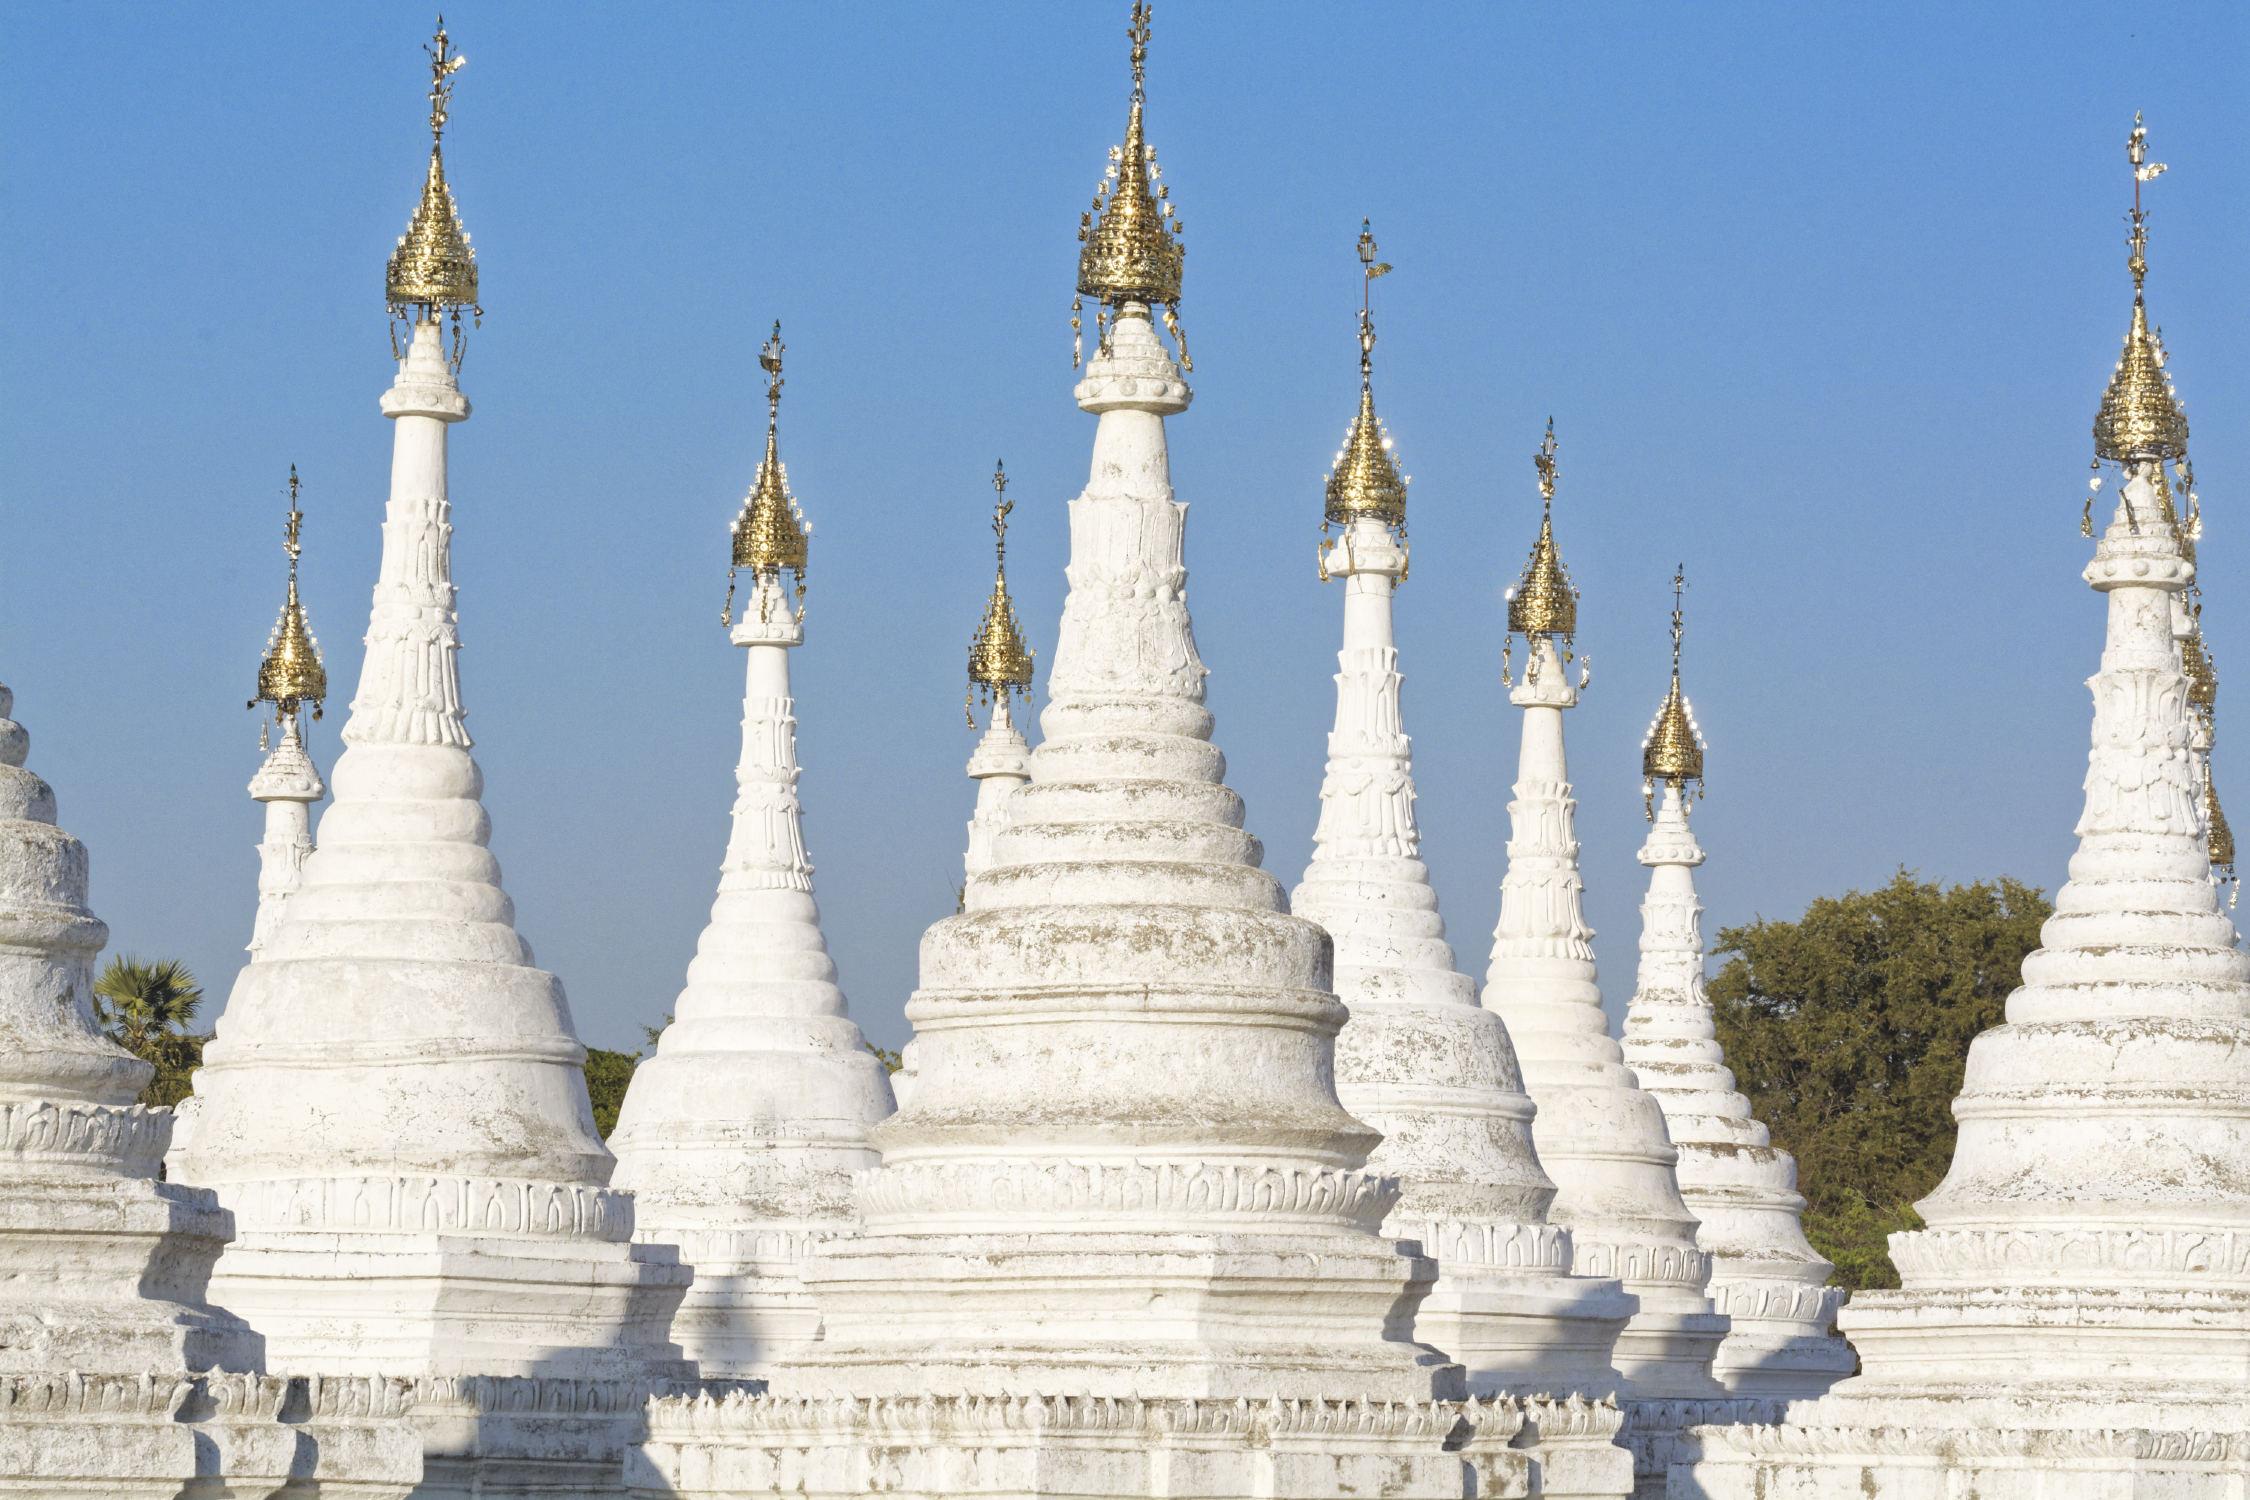 Paya Sandamuni Mandalay